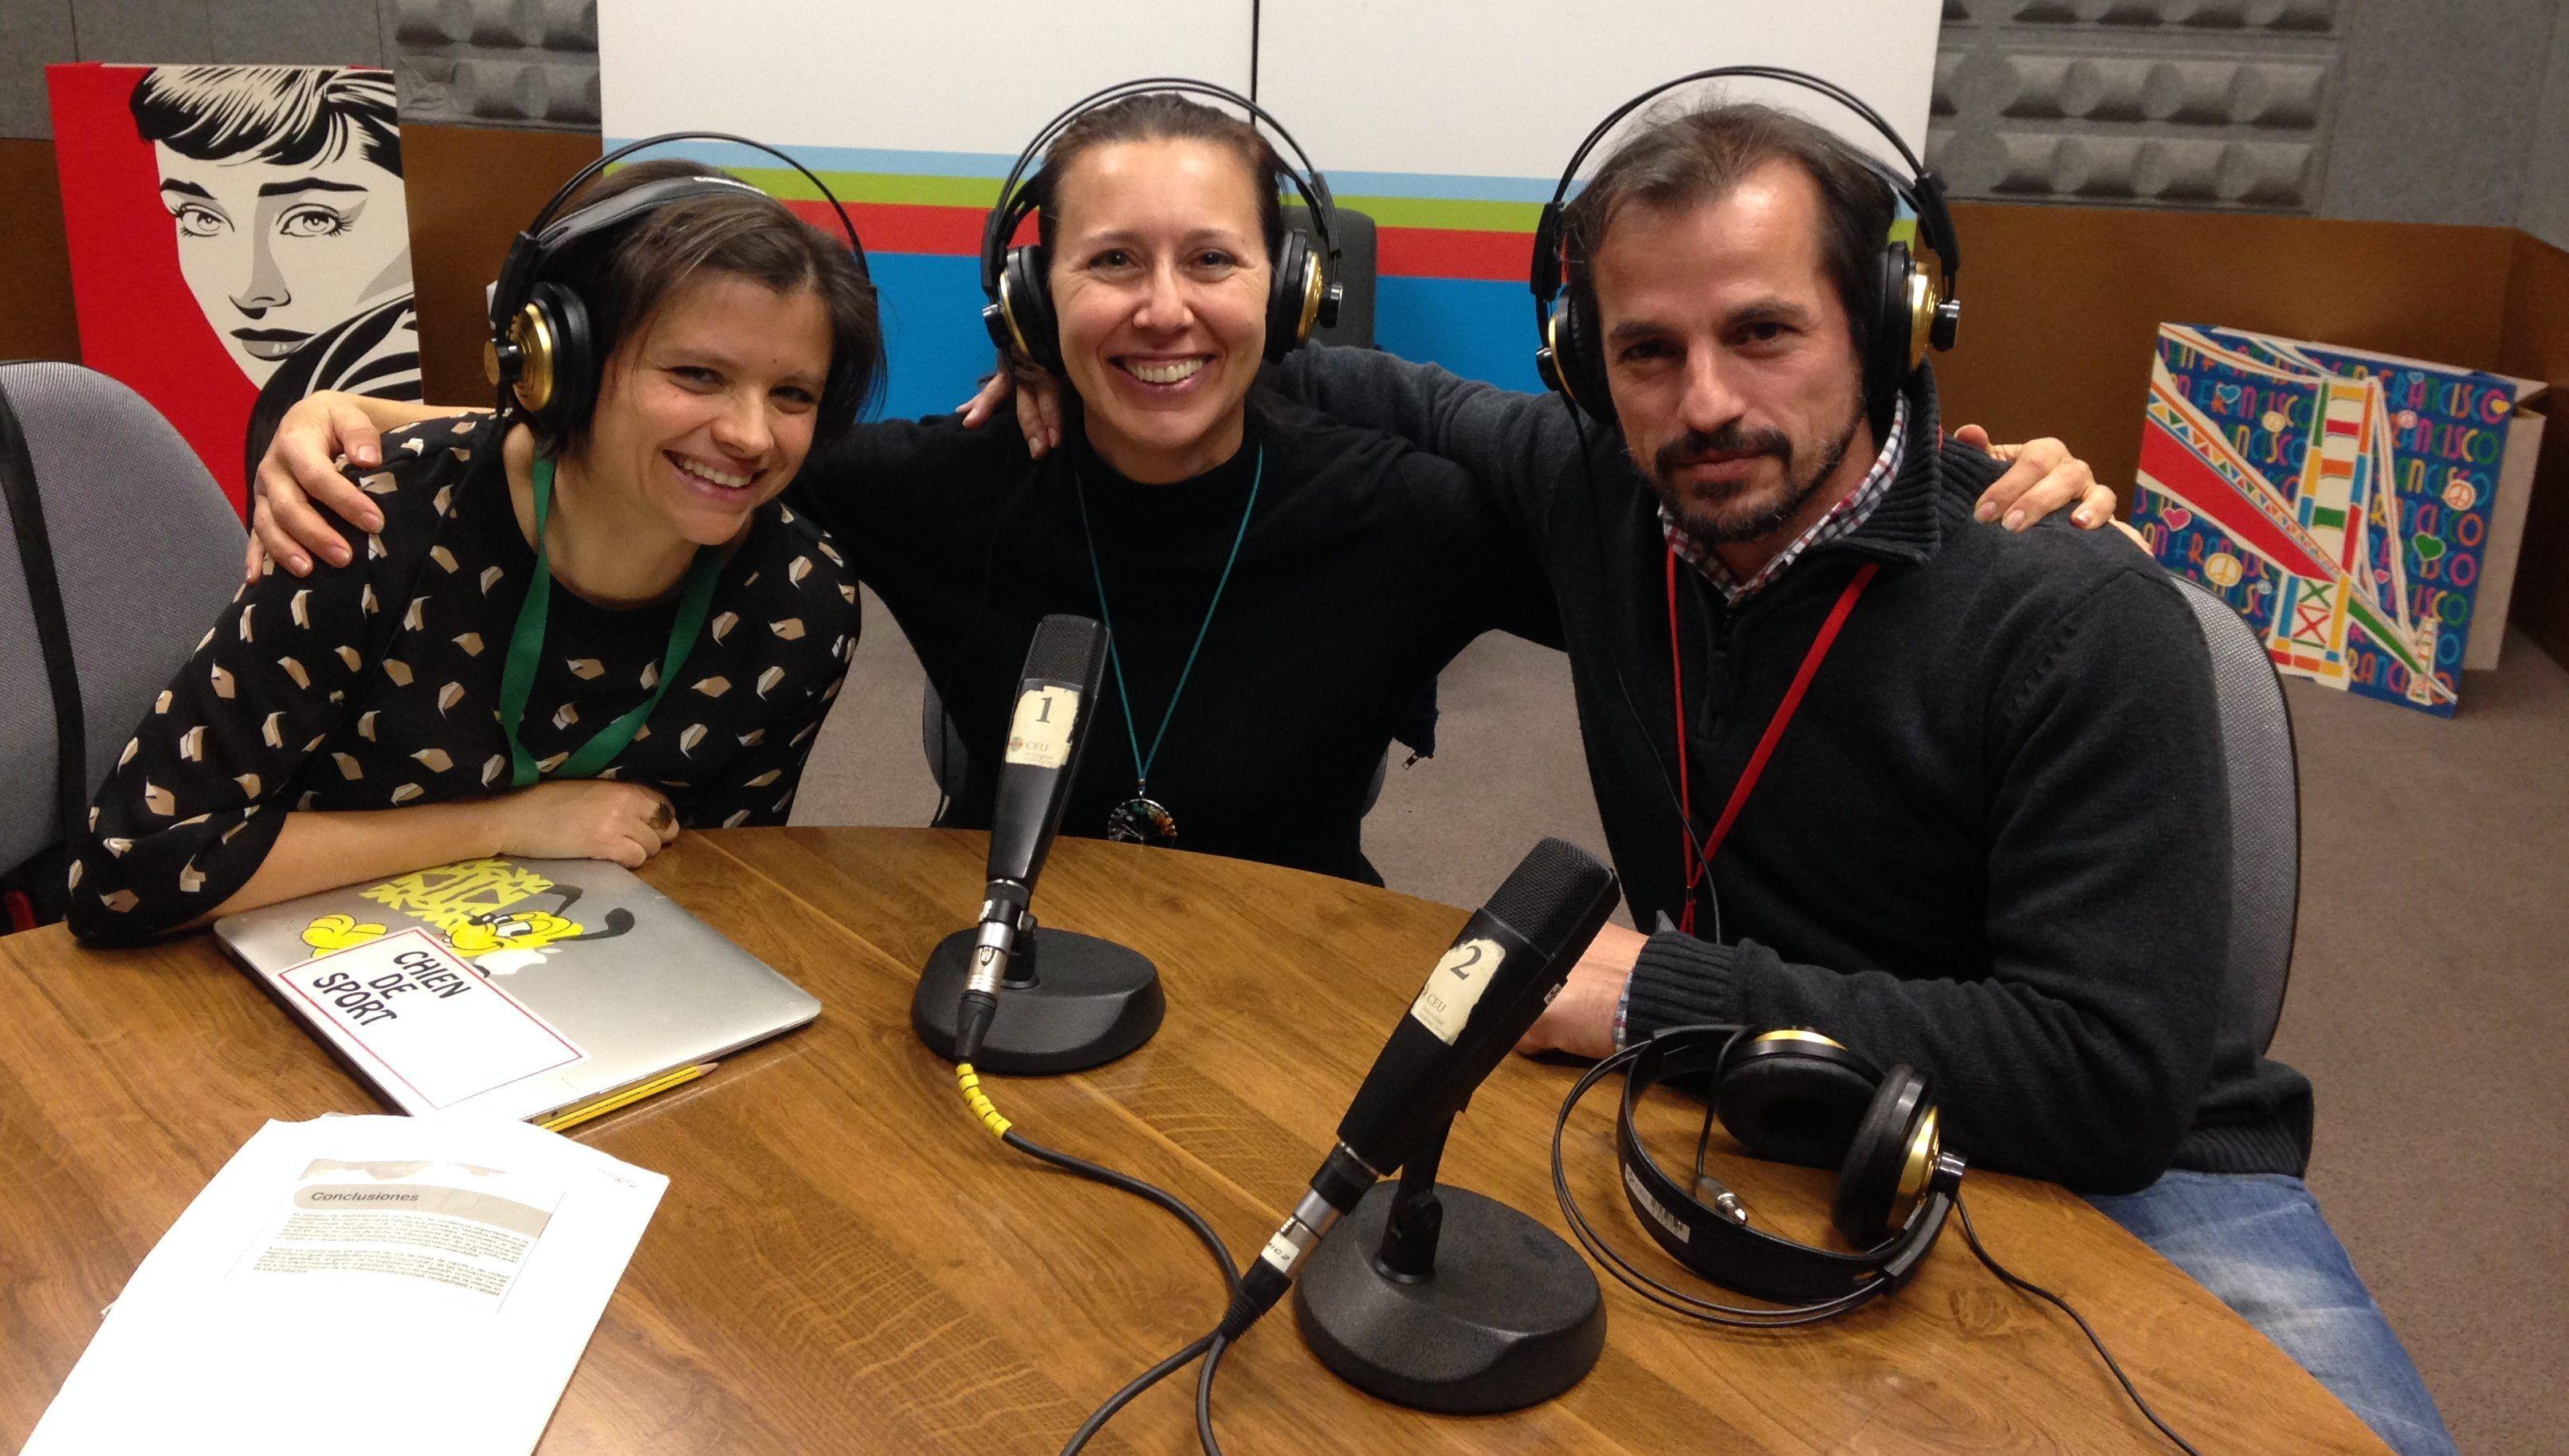 Parte del equipo MundoVet (Empar García y Mila Benito) con Ignacio Corradini